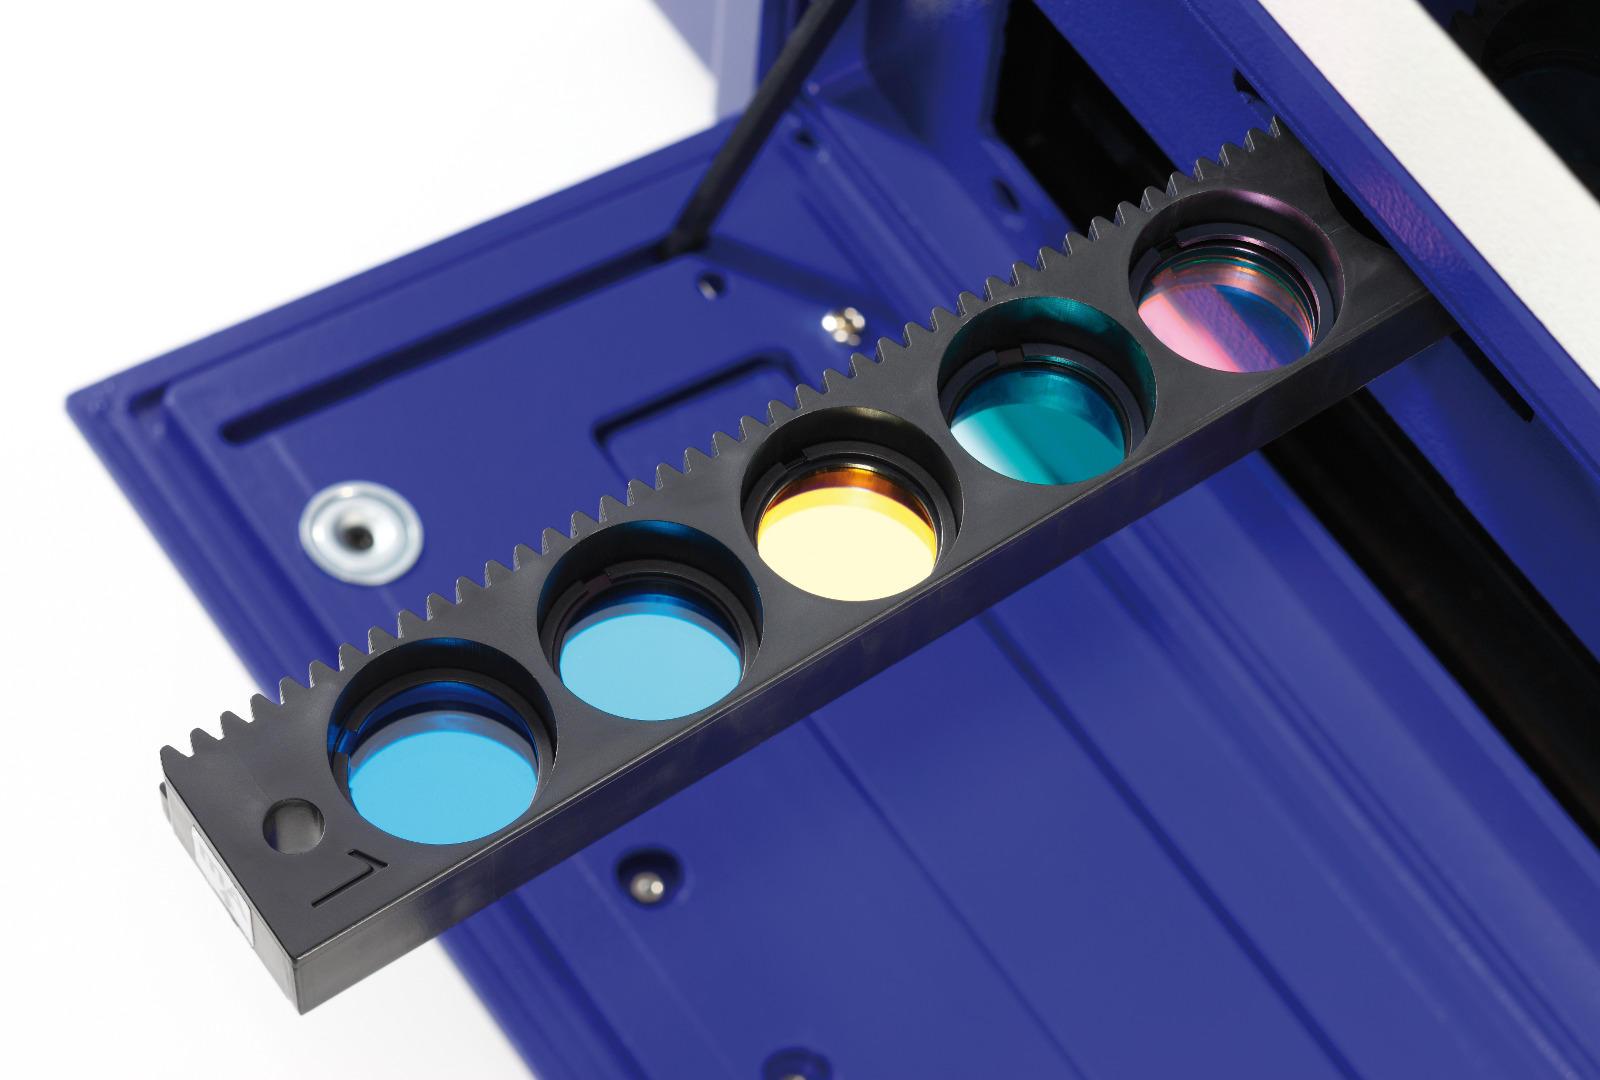 Multimode-Microplate-Reader-Tristar2-Emissionsfilterschieber-1600x1080 (2)